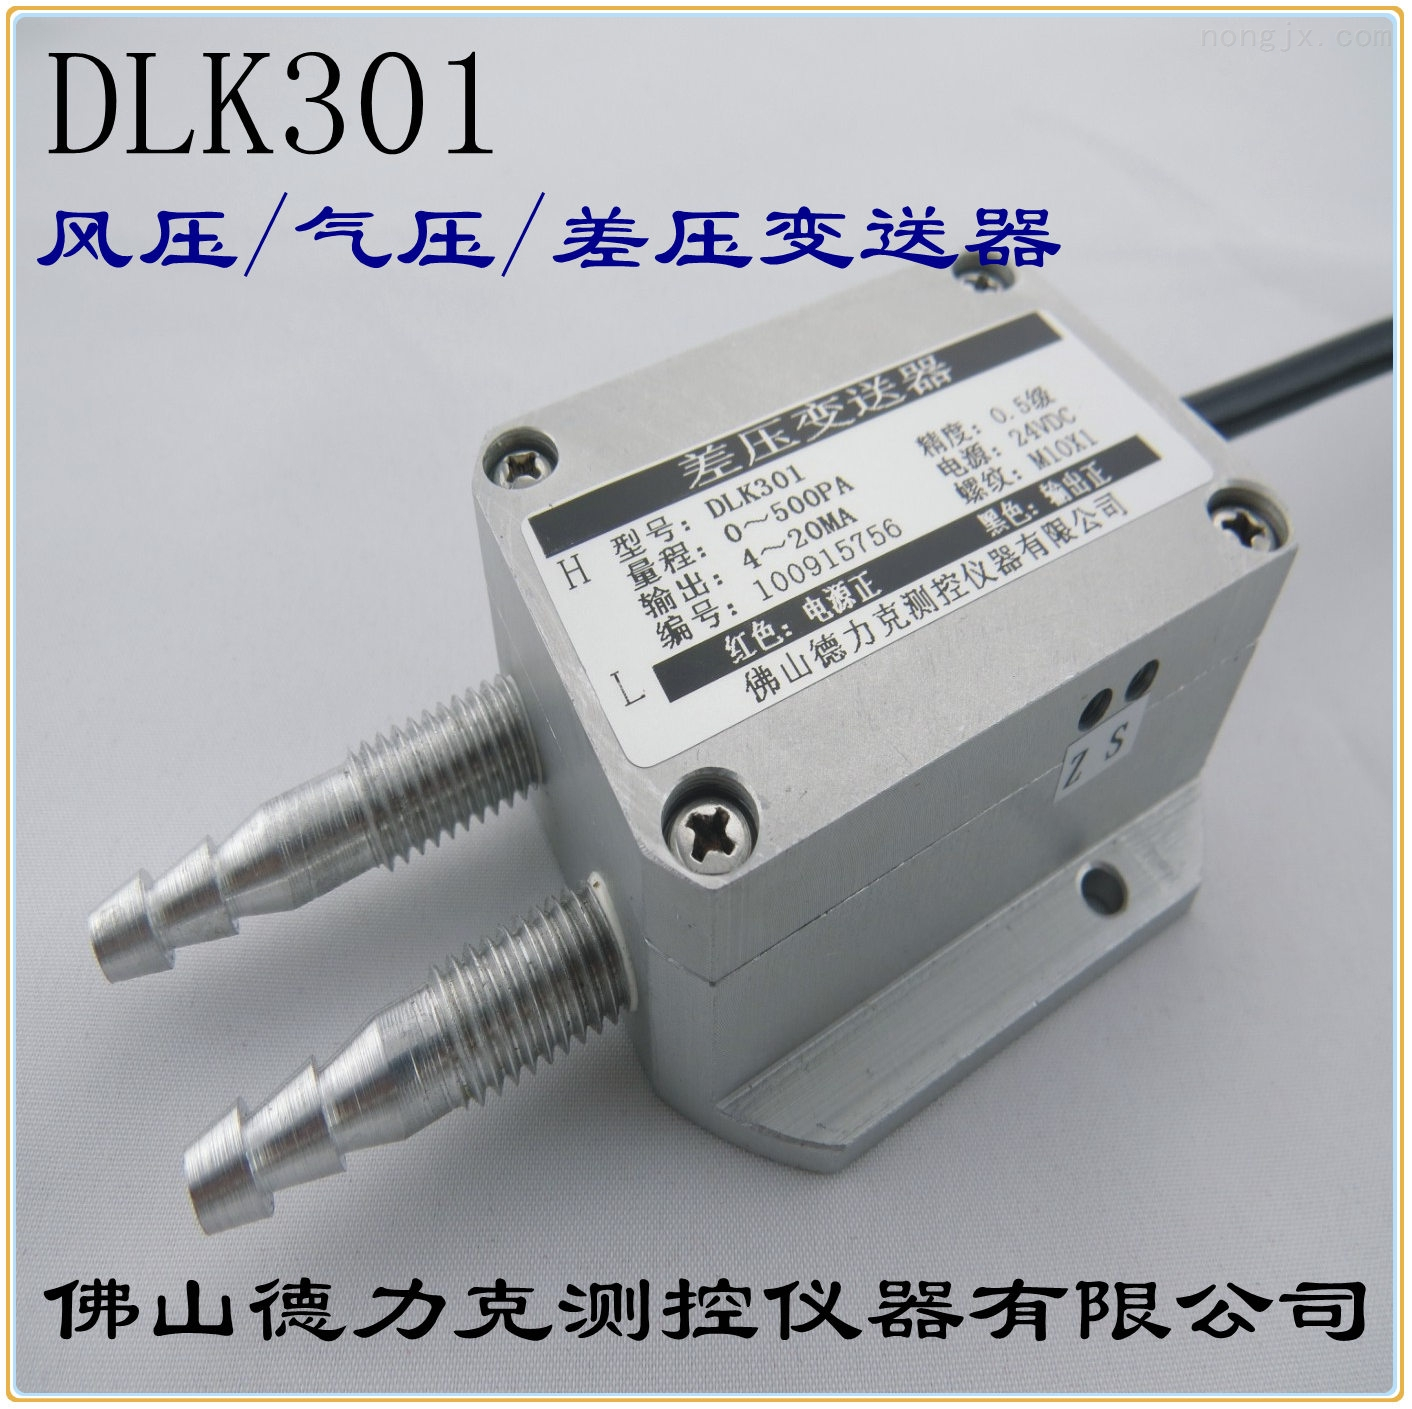 DLK301-气体压力传感器,气体压力变送器,气体压力控制器,气体压力测控器